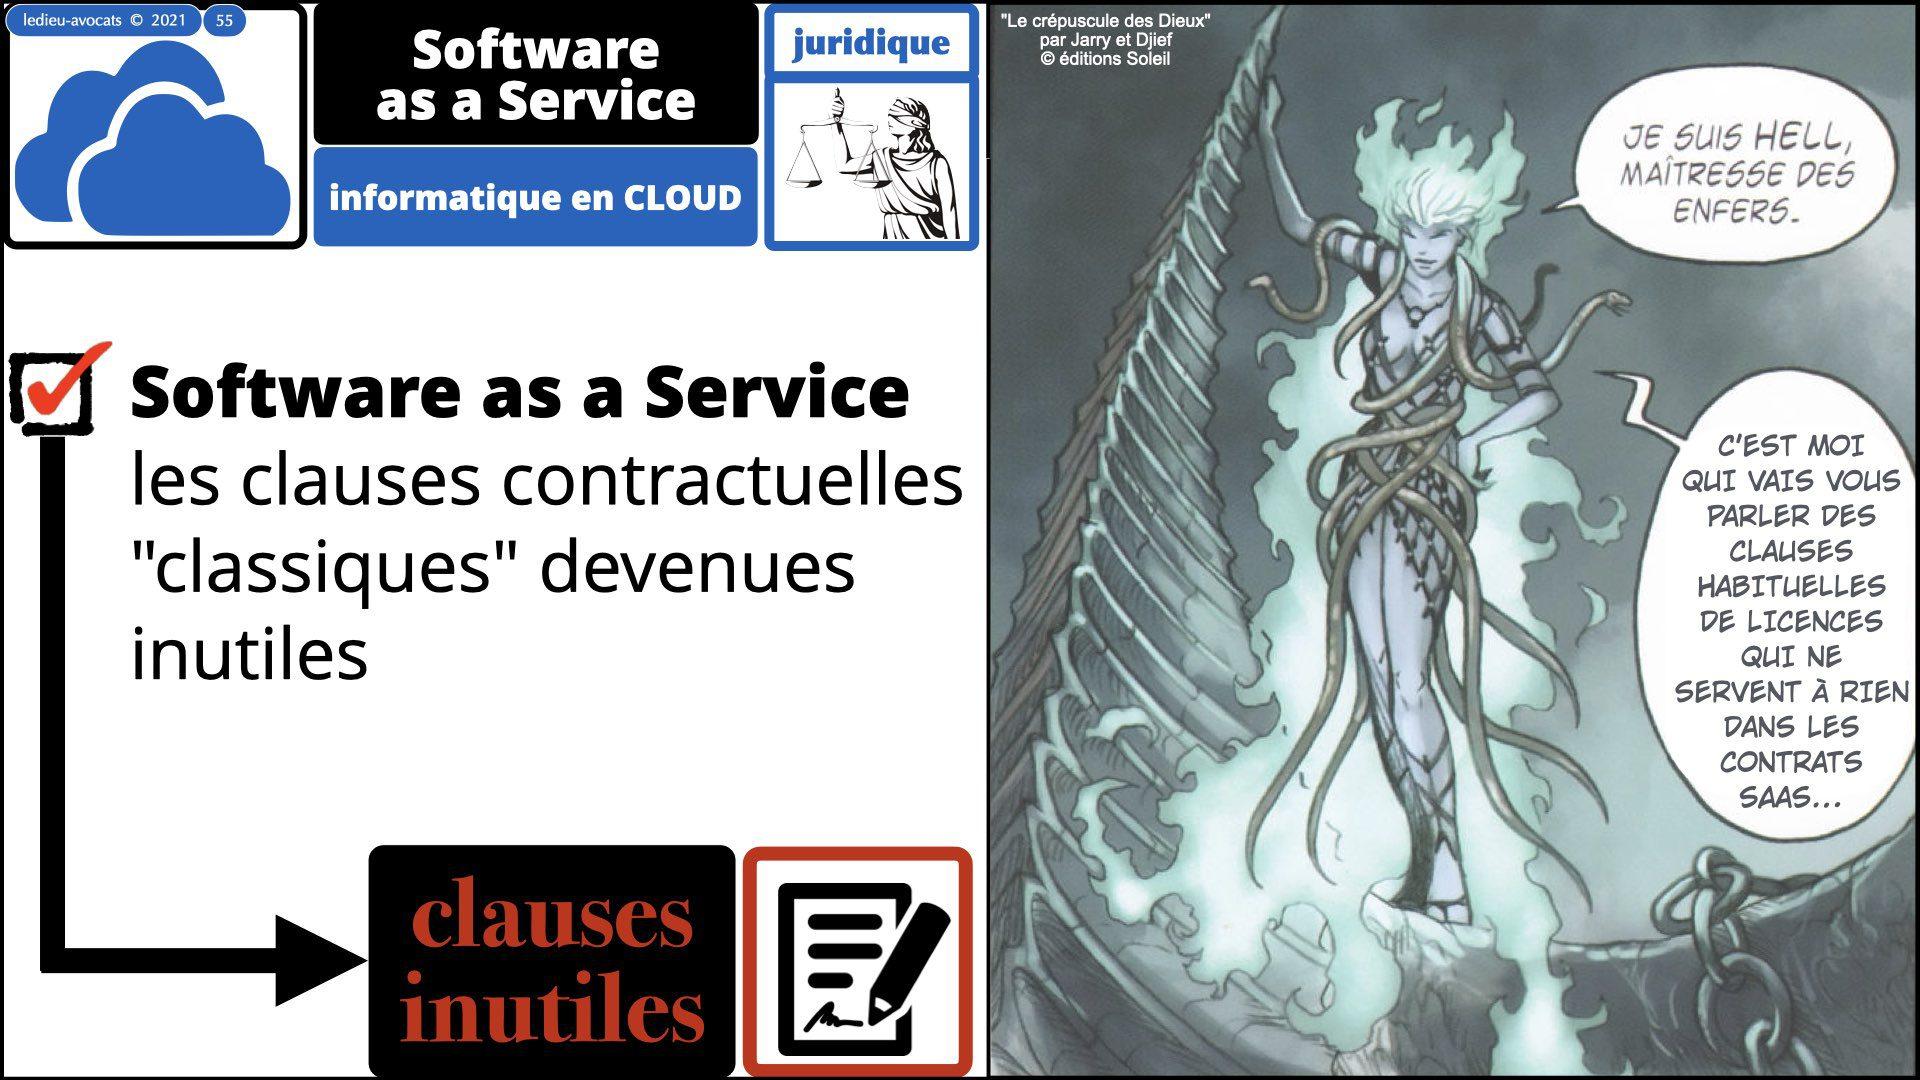 343 service LOGICIEL SaaS Software-as-a-Service cloud computing © Ledieu-Avocats technique droit numerique 30-08-2021.055